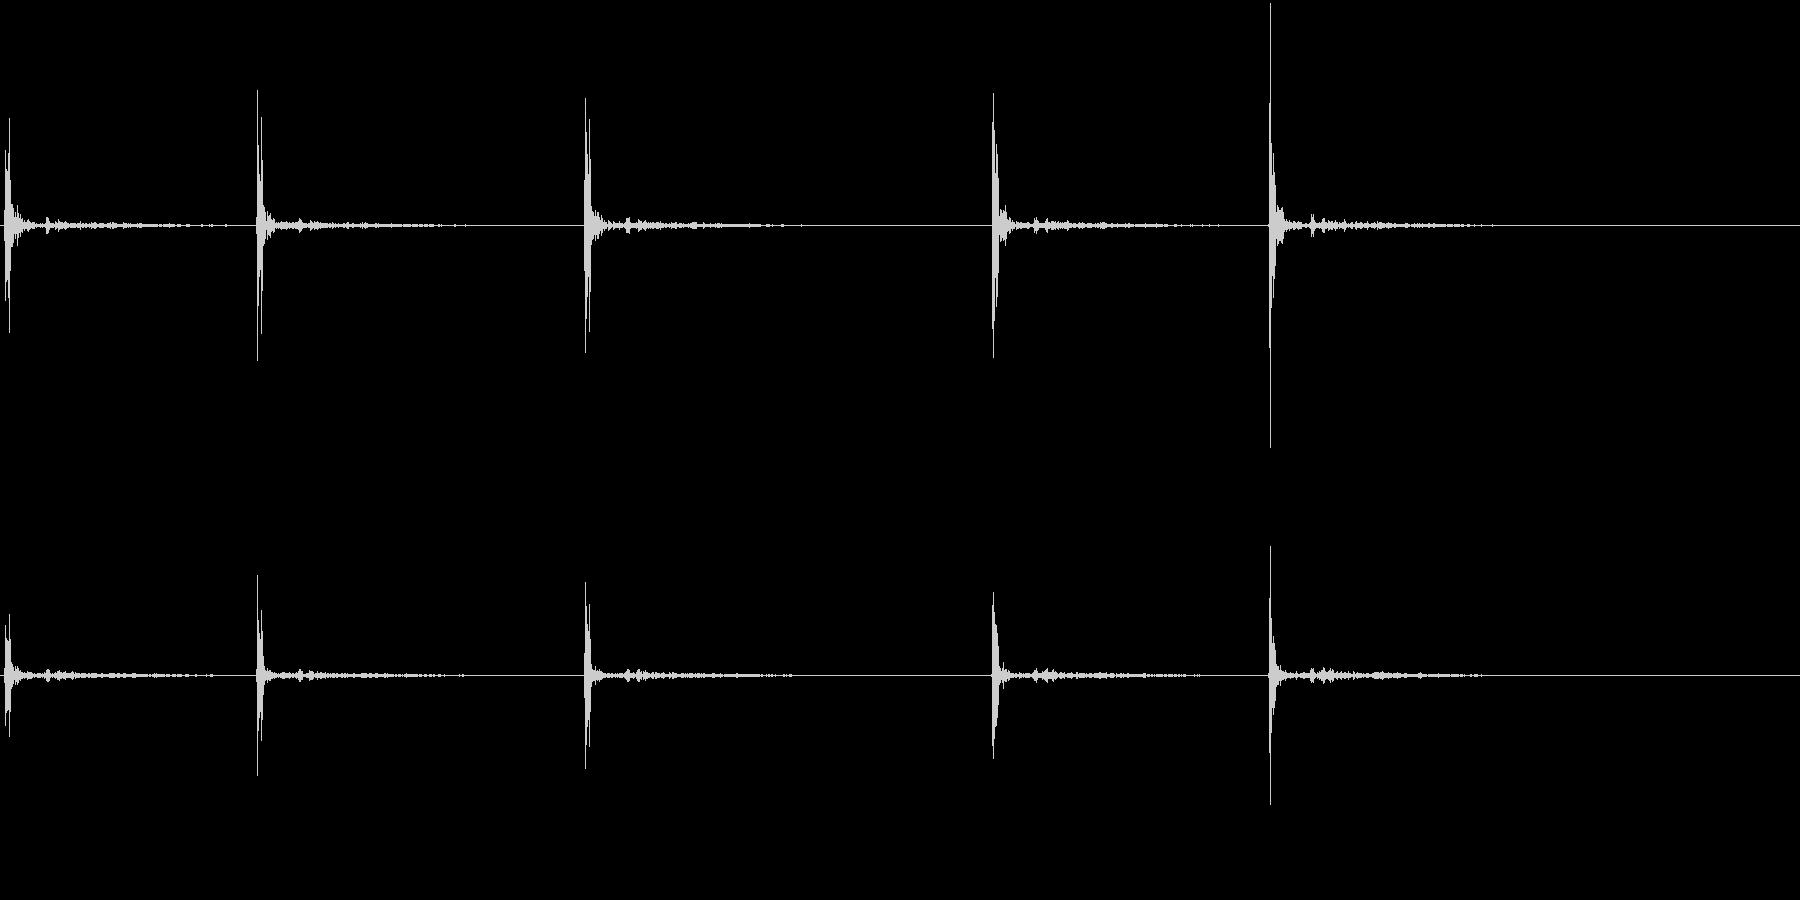 【生録音】カッターナイフの音 2の未再生の波形